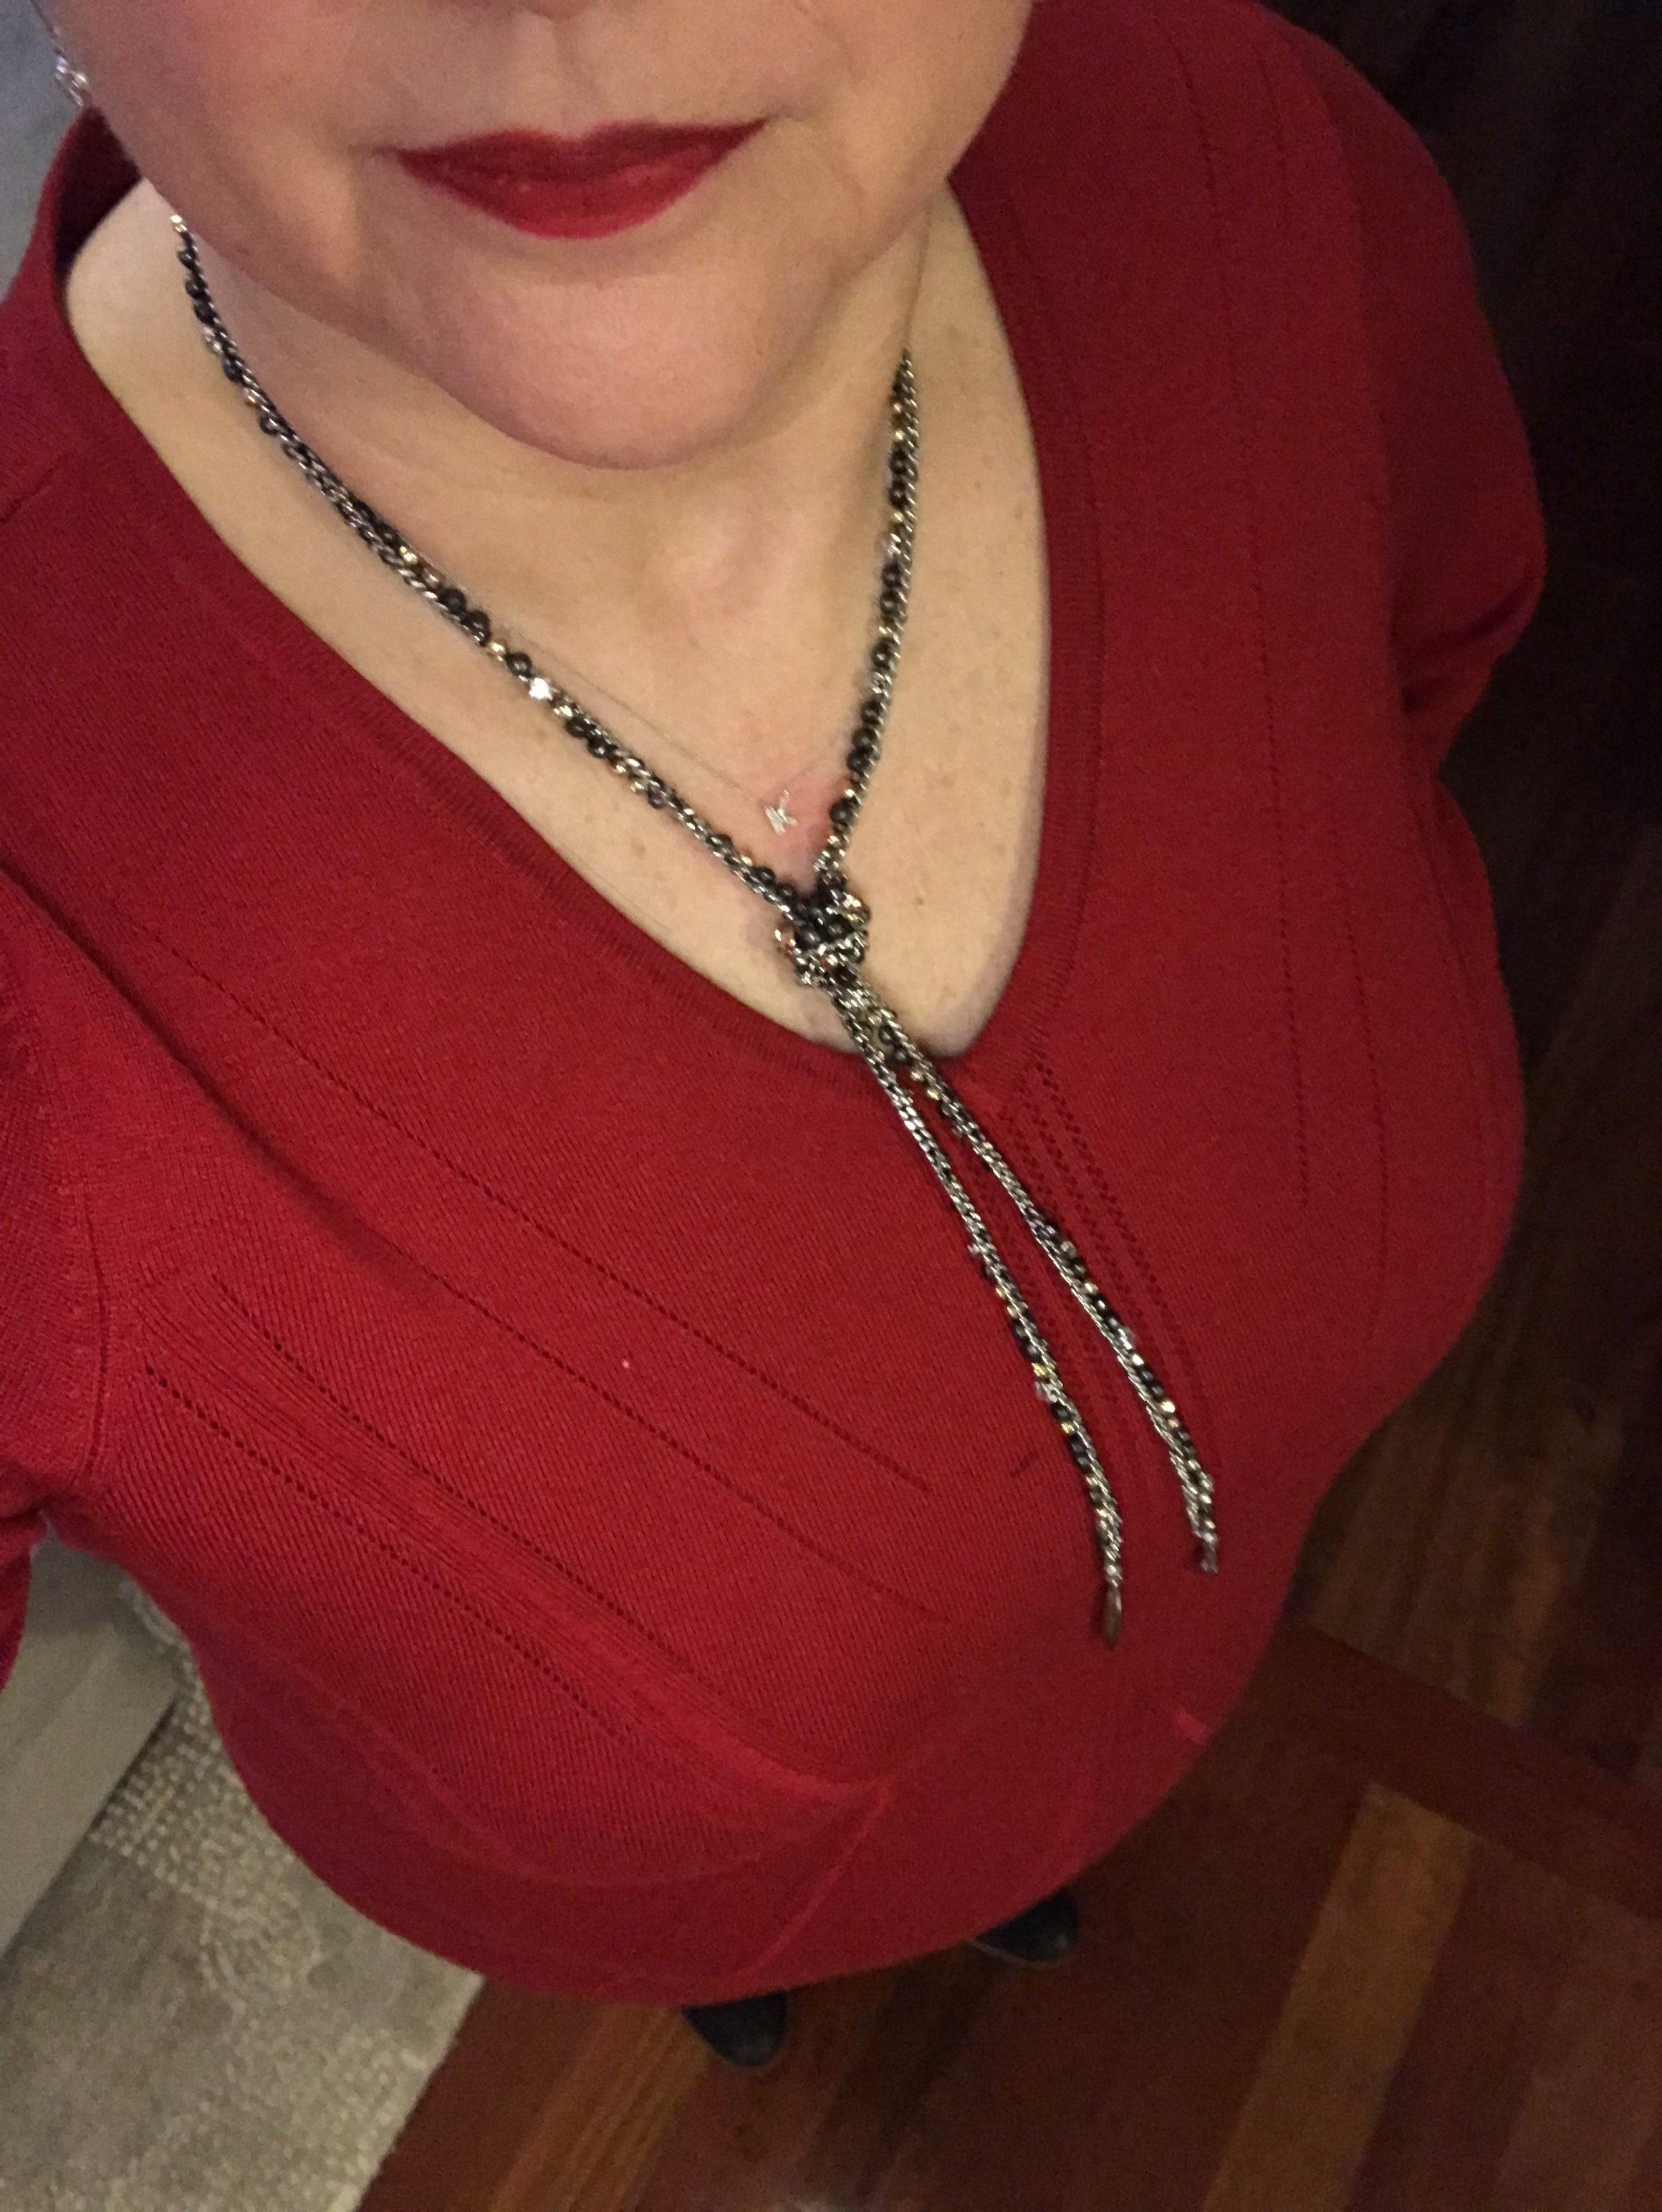 Zoe necklace by Stella & Dot